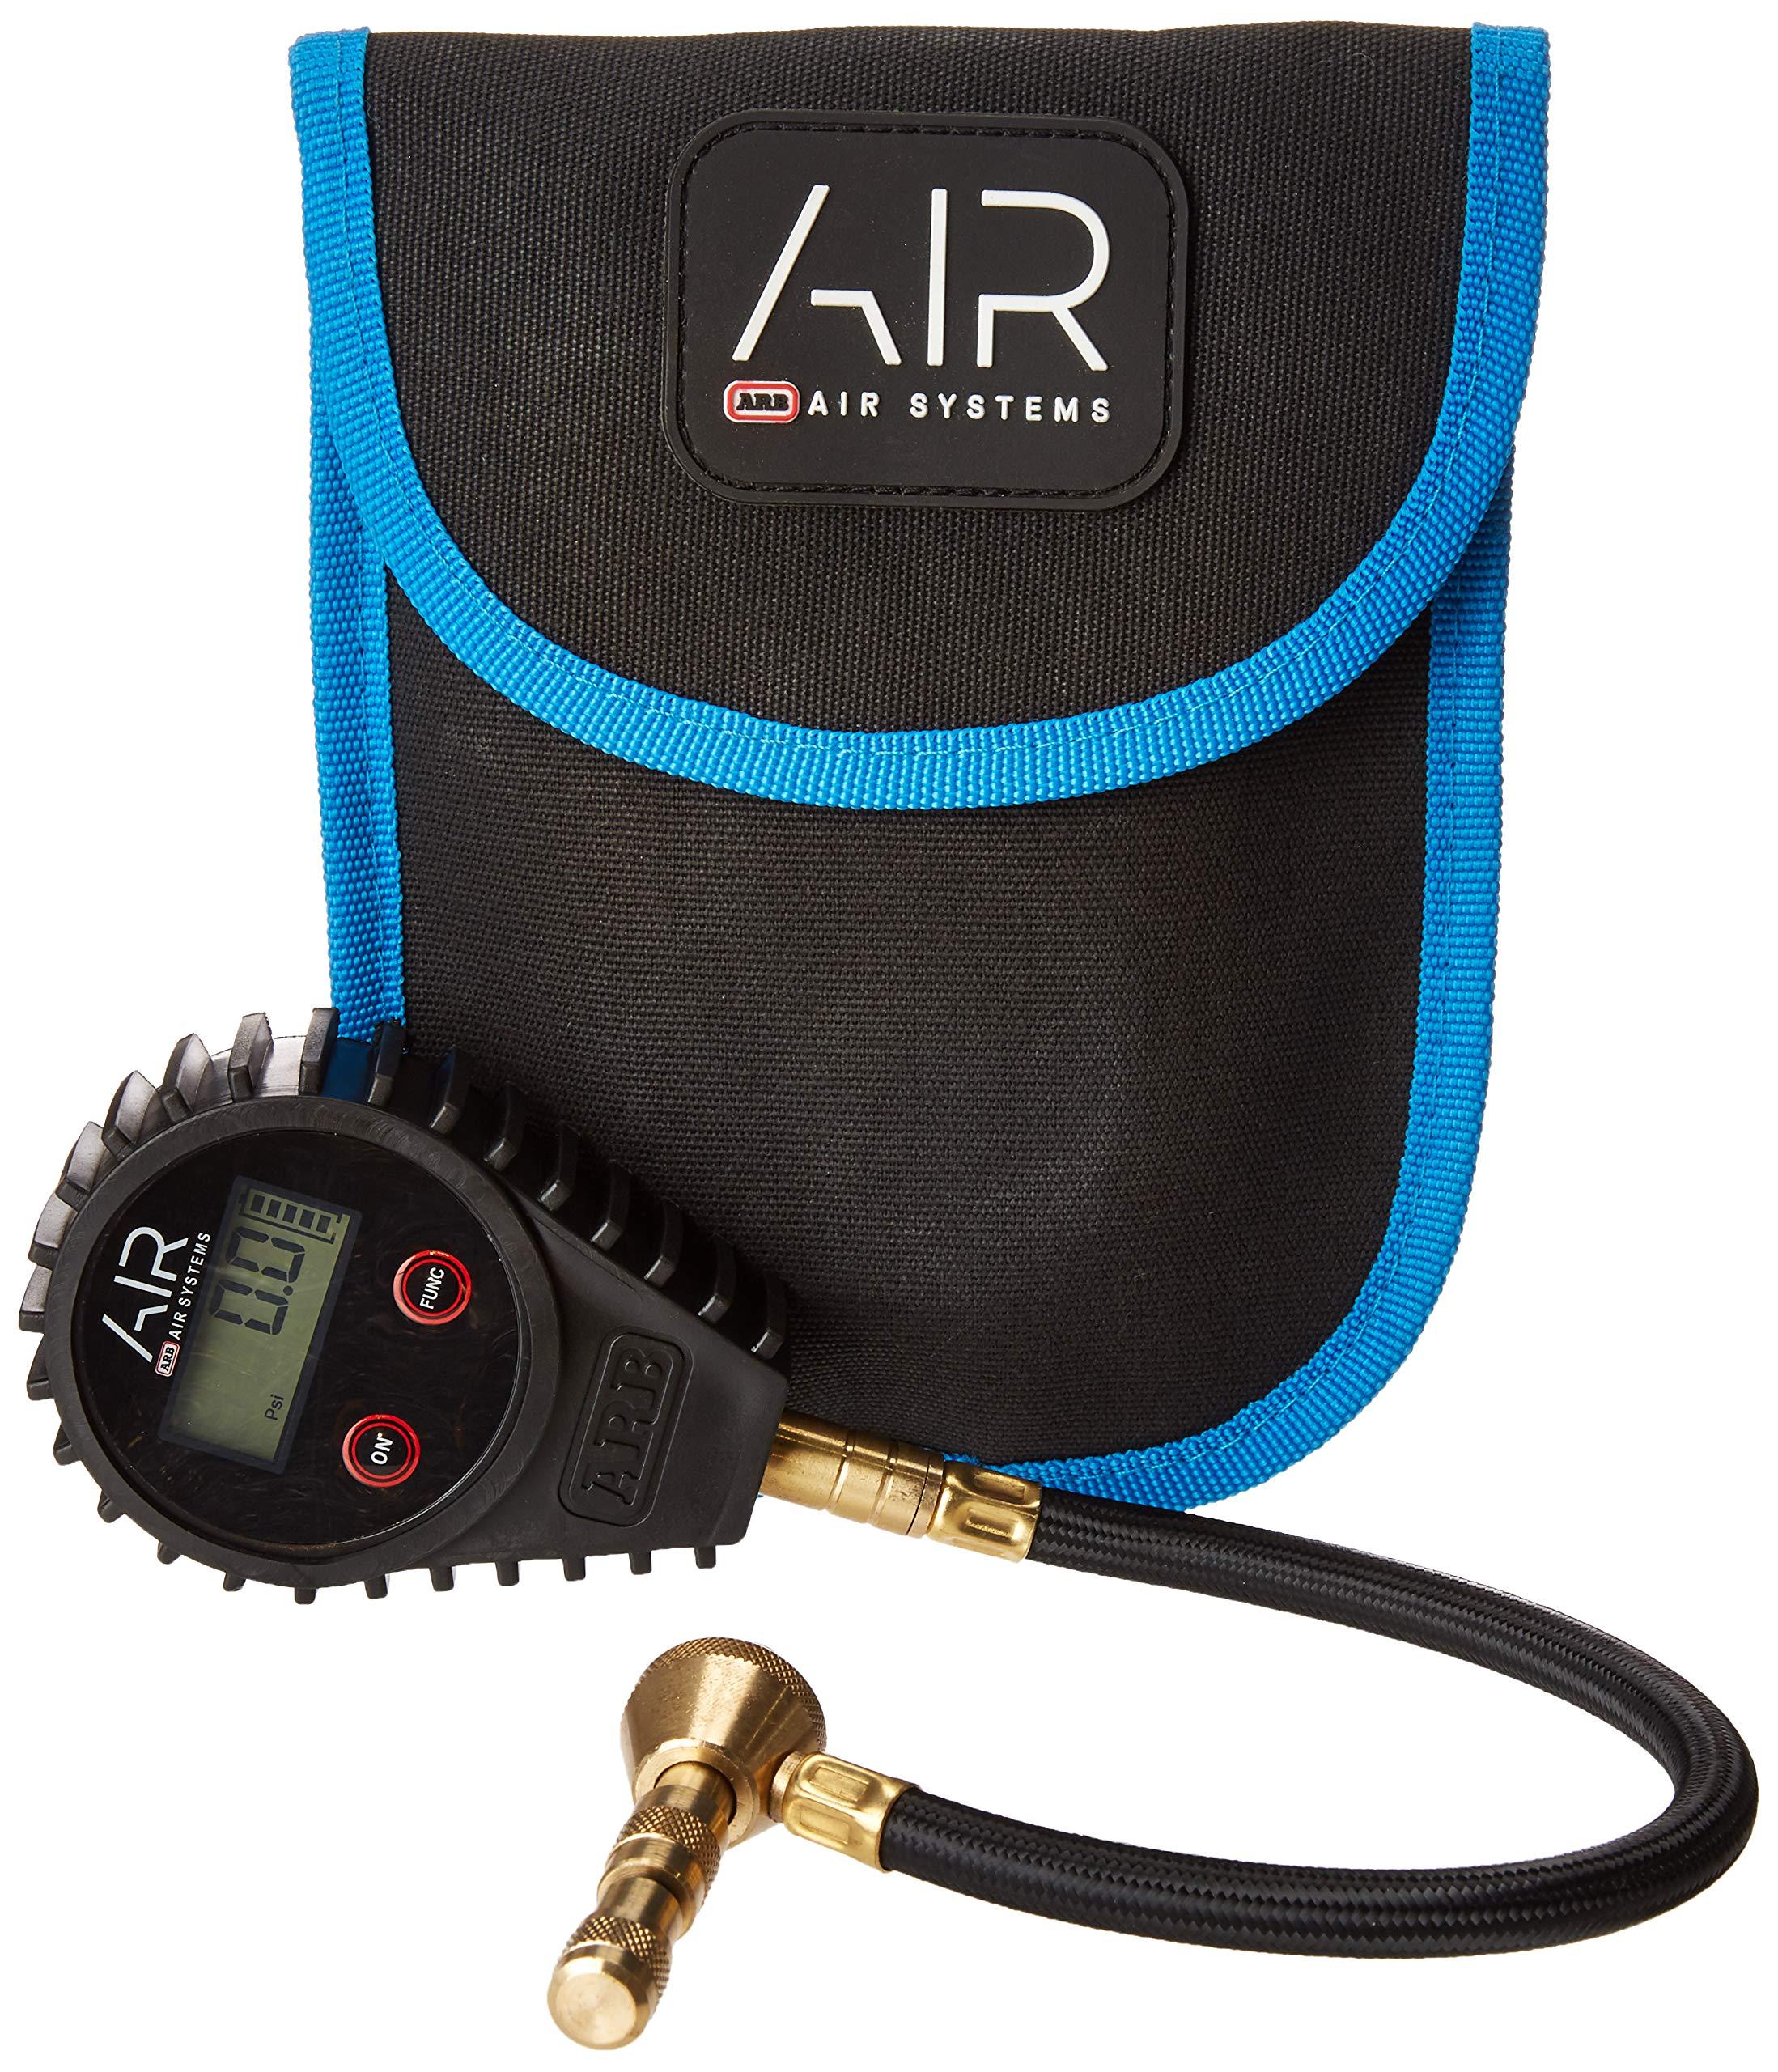 ARB ARB510 E-Z Deflator Digital Guage All Measurements Digital E-Z Deflator Digital Guage by ARB